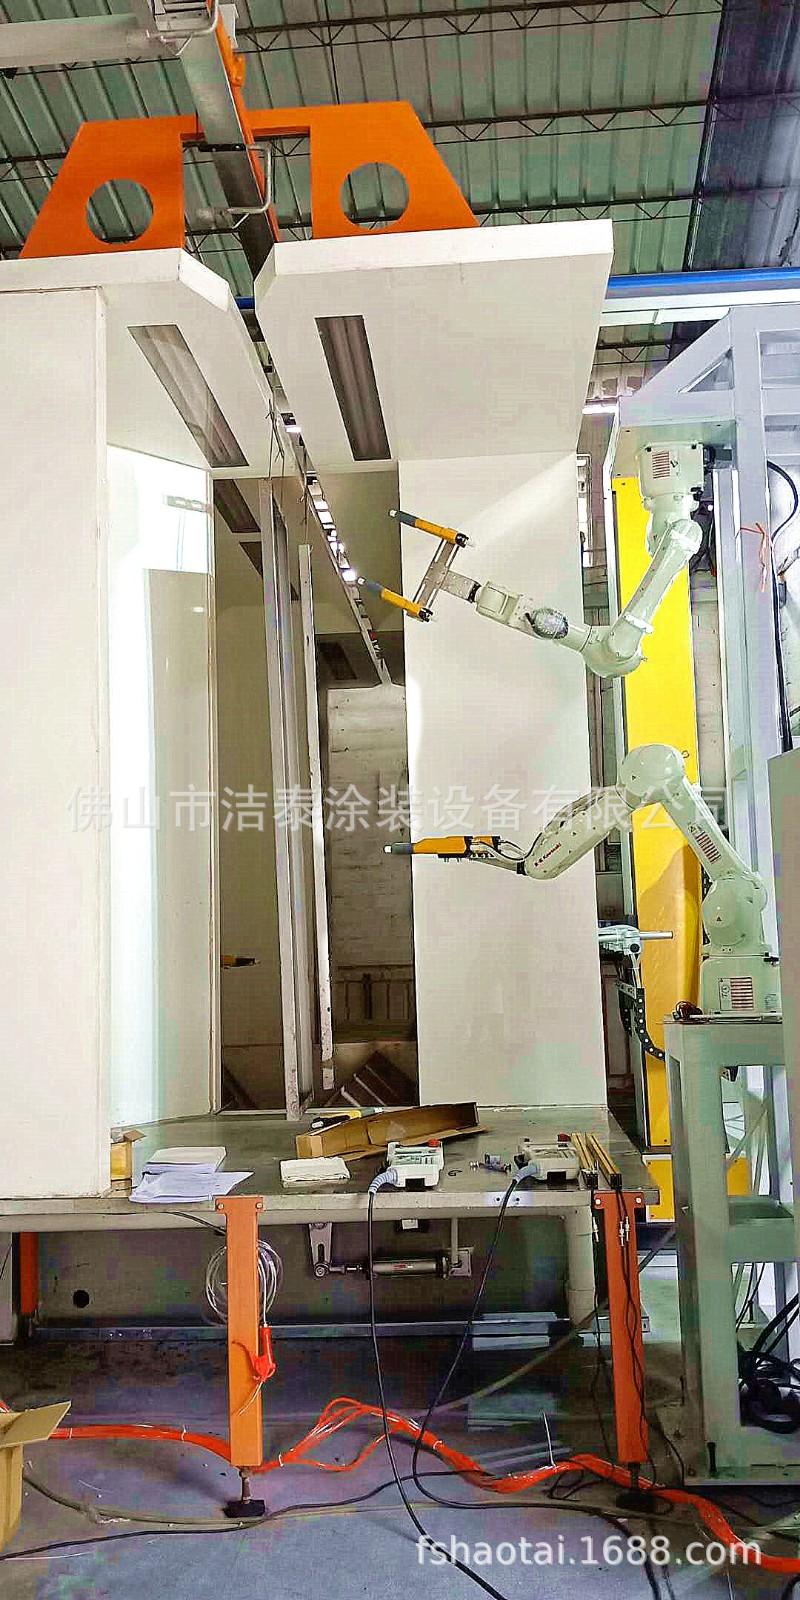 电梯涂装喷粉生产线,全自动喷涂生产设备 源头厂家设计 价格优惠